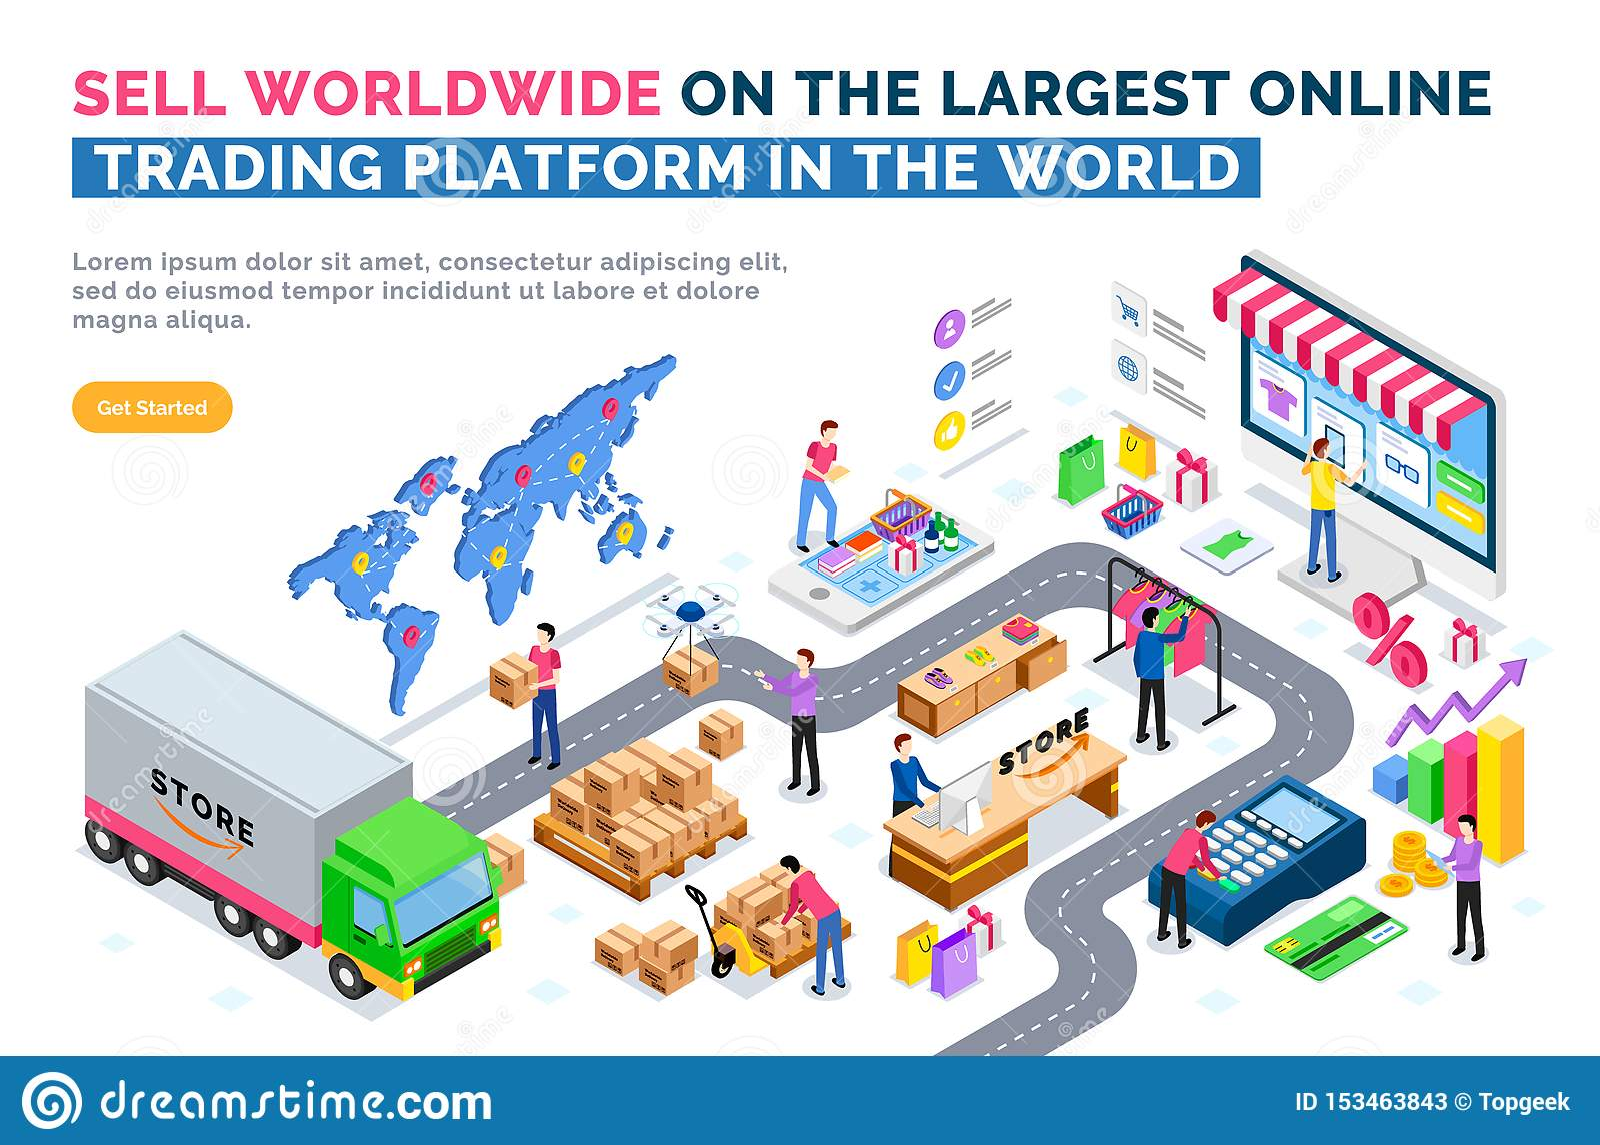 Vendi universalmente sulla più grande piattaforma commerciale online